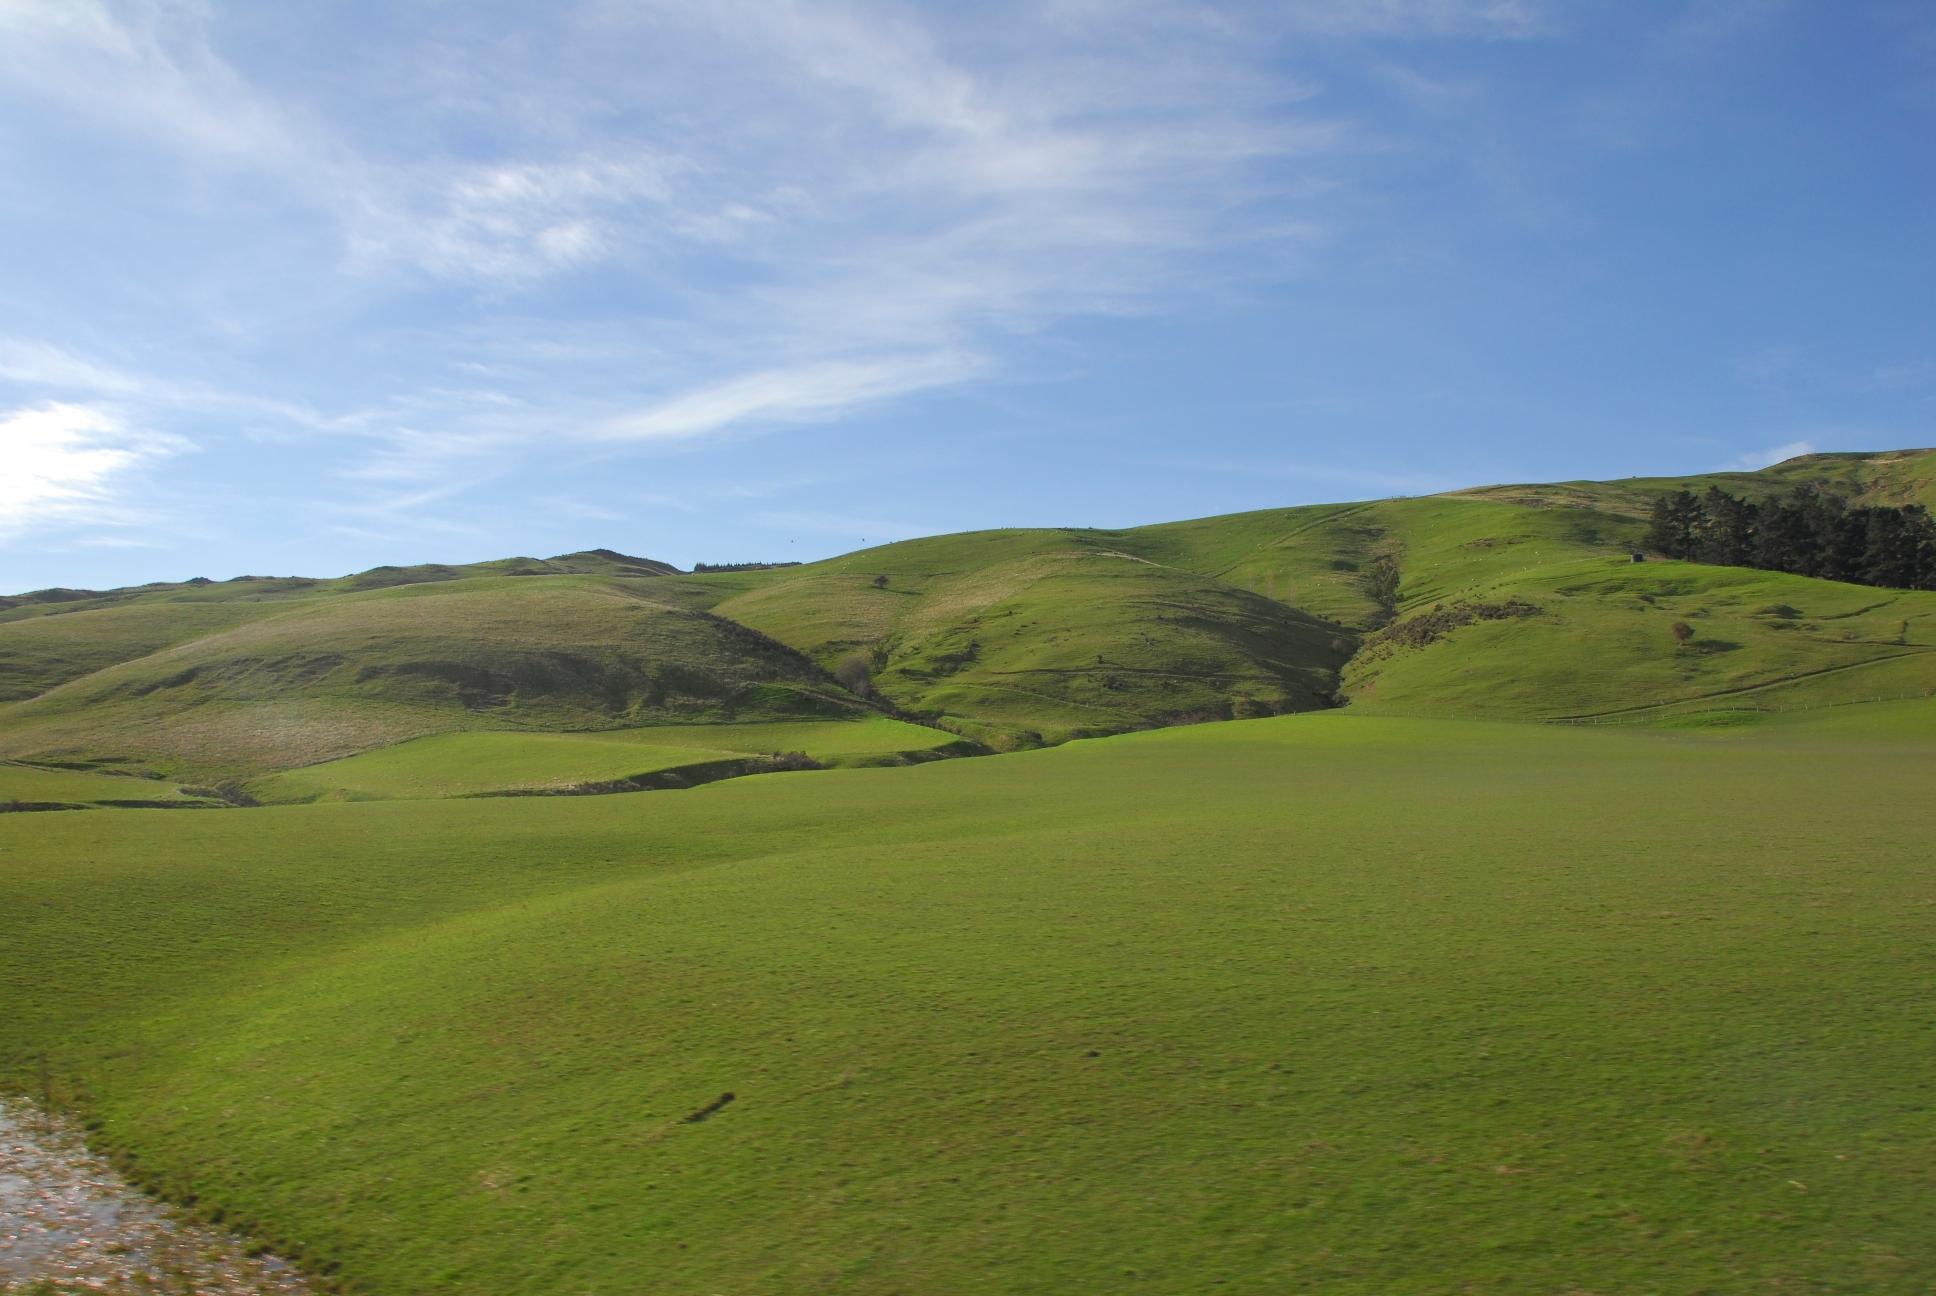 collinschristchurchrollinghills